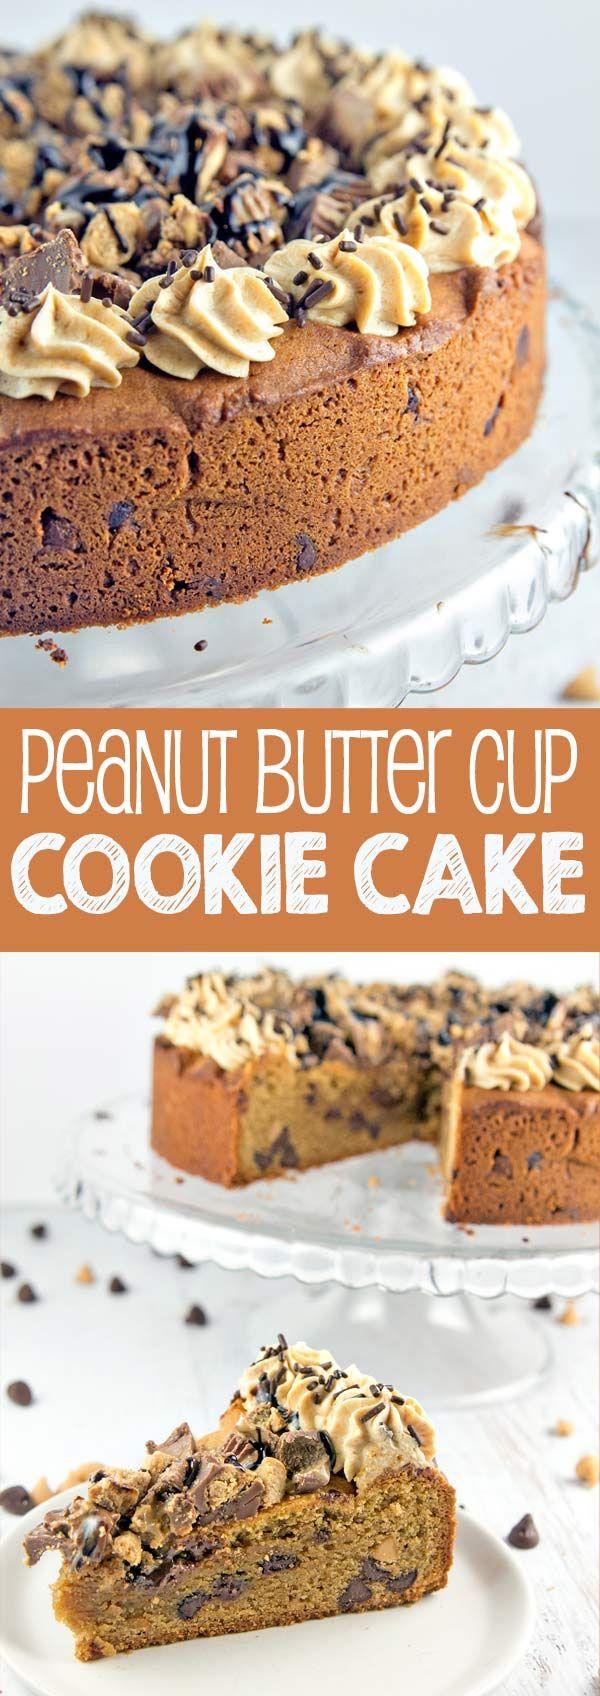 Peanut Butter Cup Cookie Cake | Recipe | Peanut butter ...